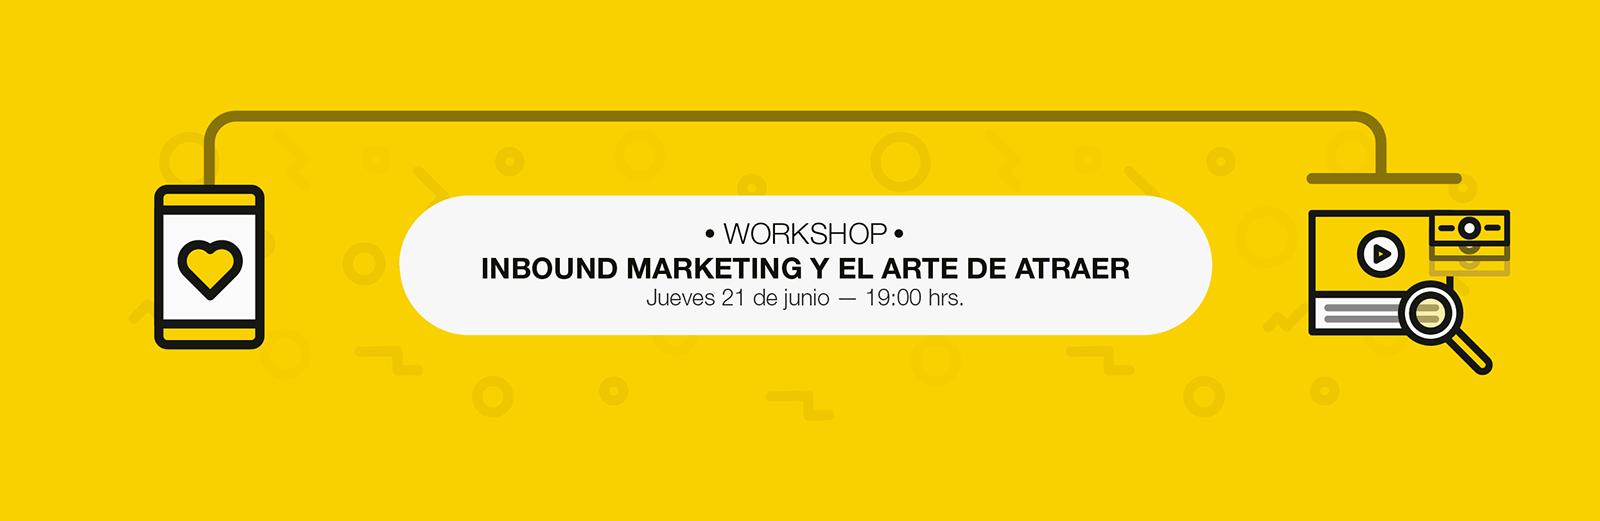 Inbound-Marketing-web-cabecera